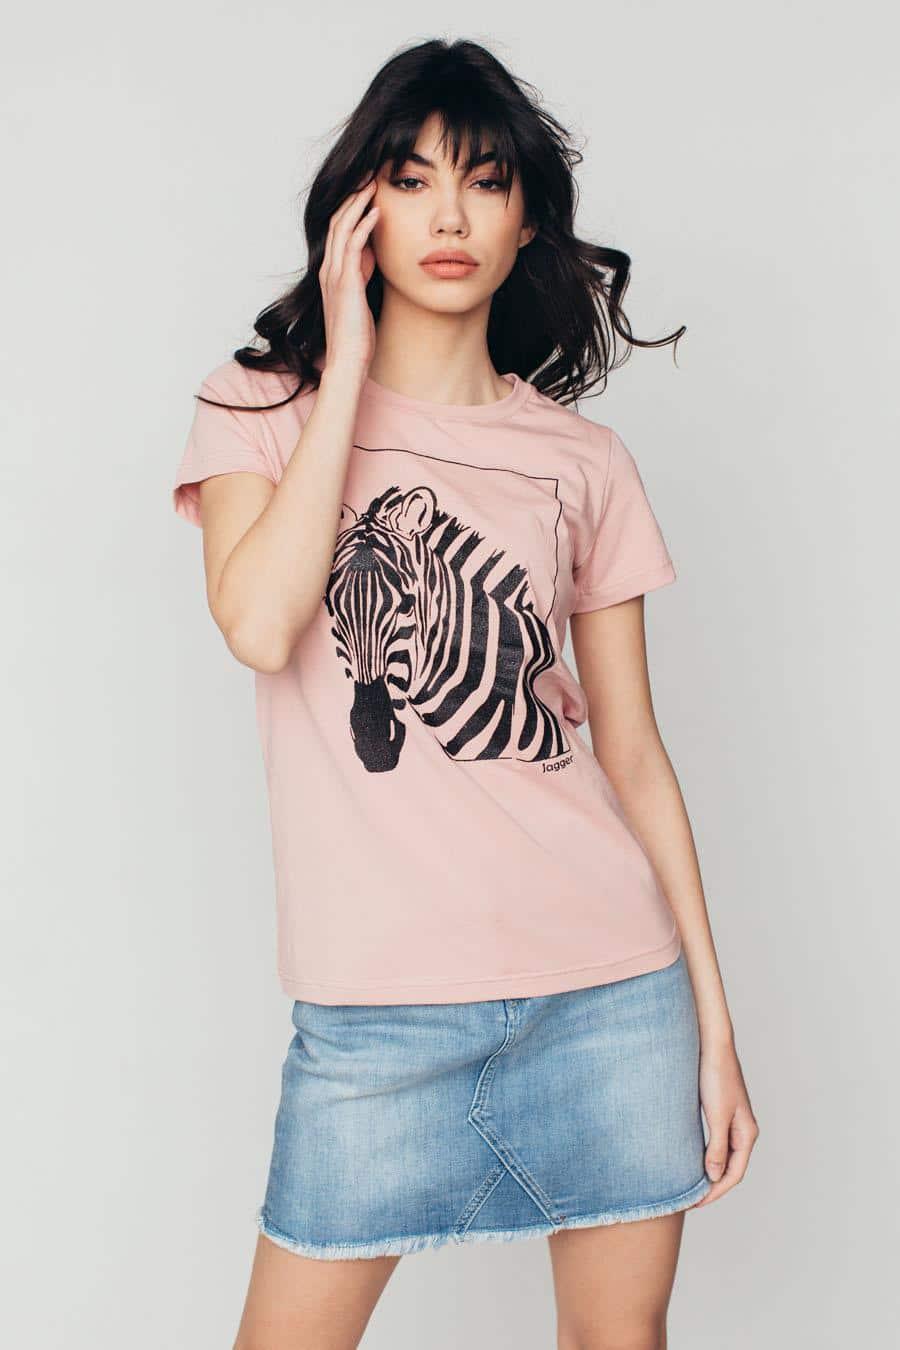 jagger zenska majica kolekcija prolece leto 2021 ss 2021 kupi online jg 8437 10 04